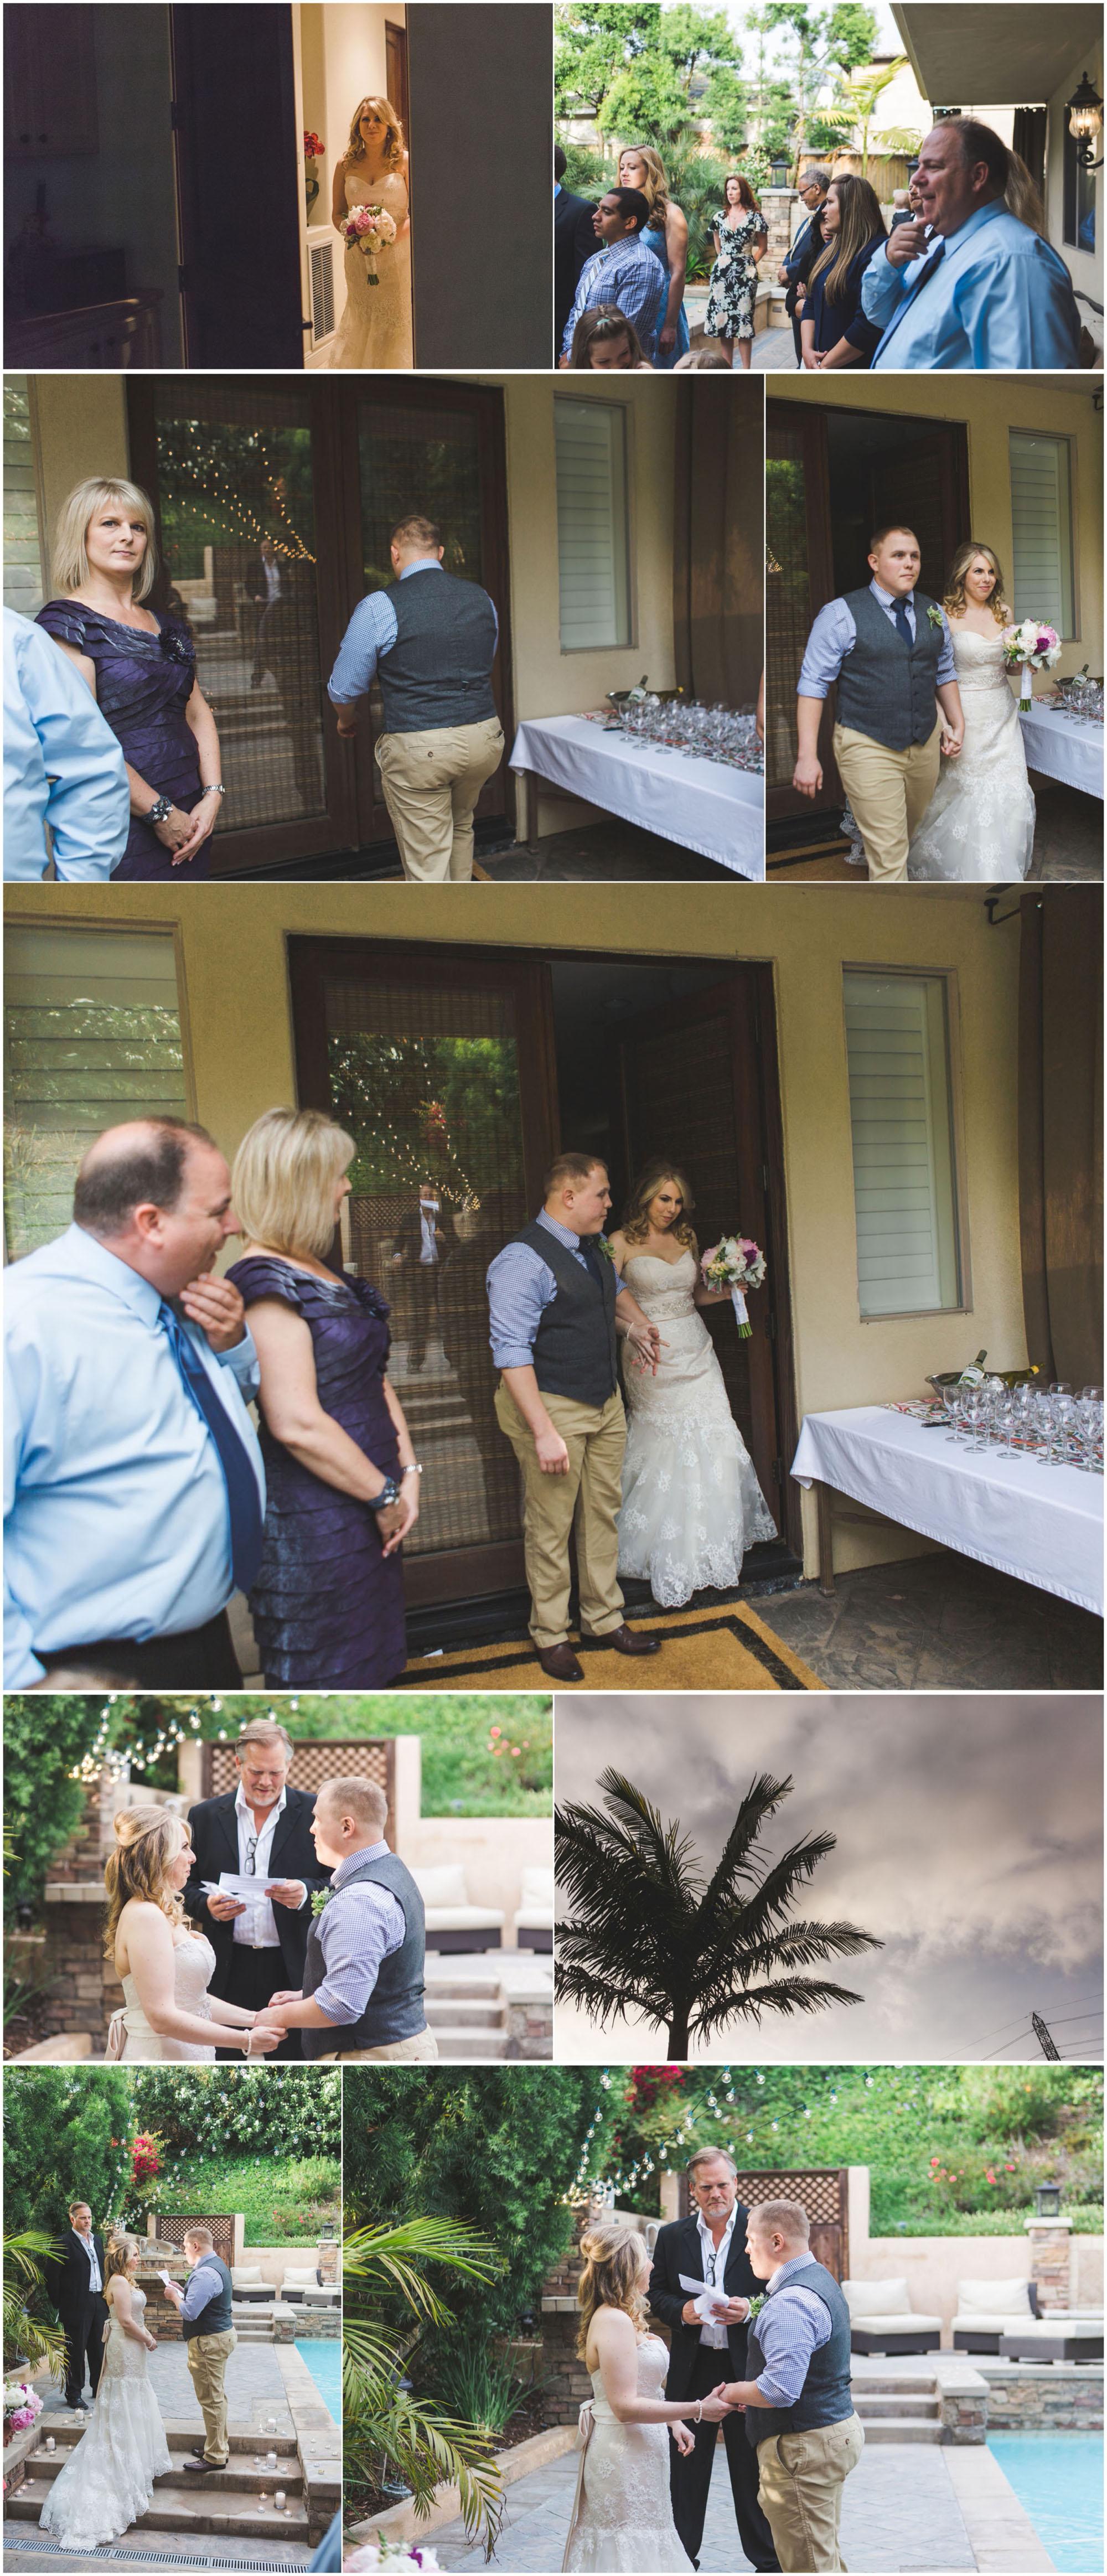 ashley vos photography seattle area wedding photographer courthouse wedding backyard wedding seattle washington_0115.jpg